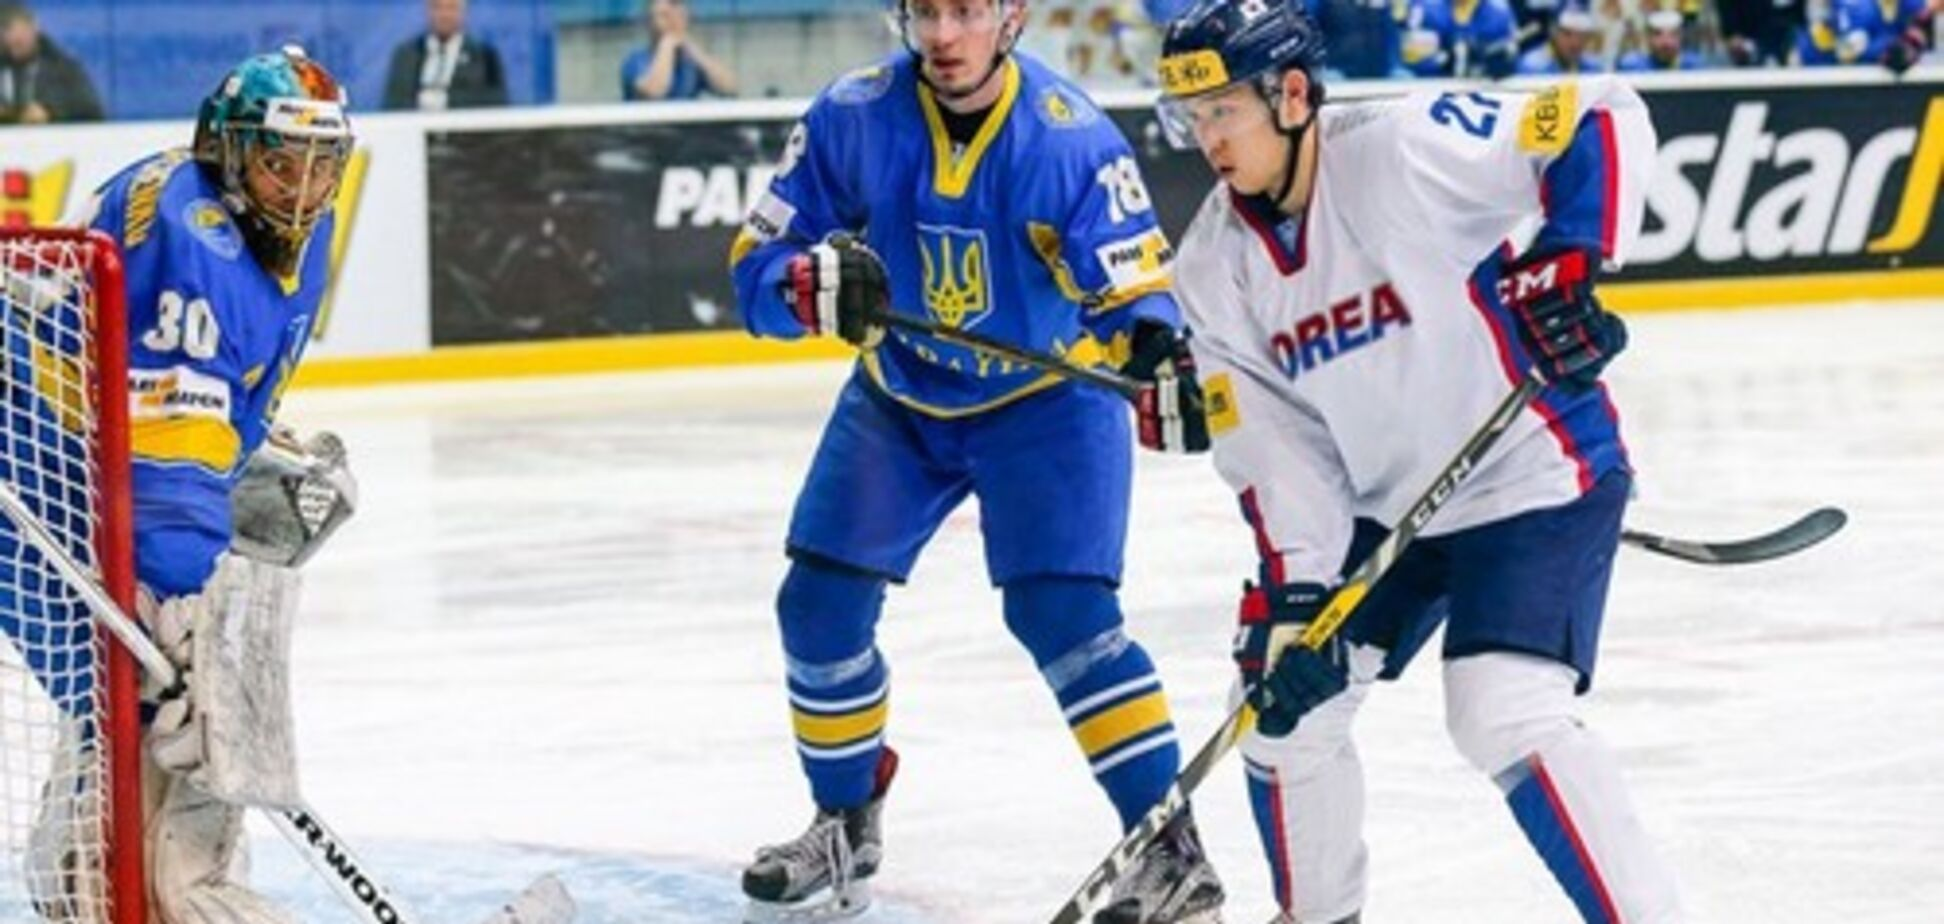 Скандал в сборной Украины: что грозит хоккеистам за 'слив' матча ЧМ